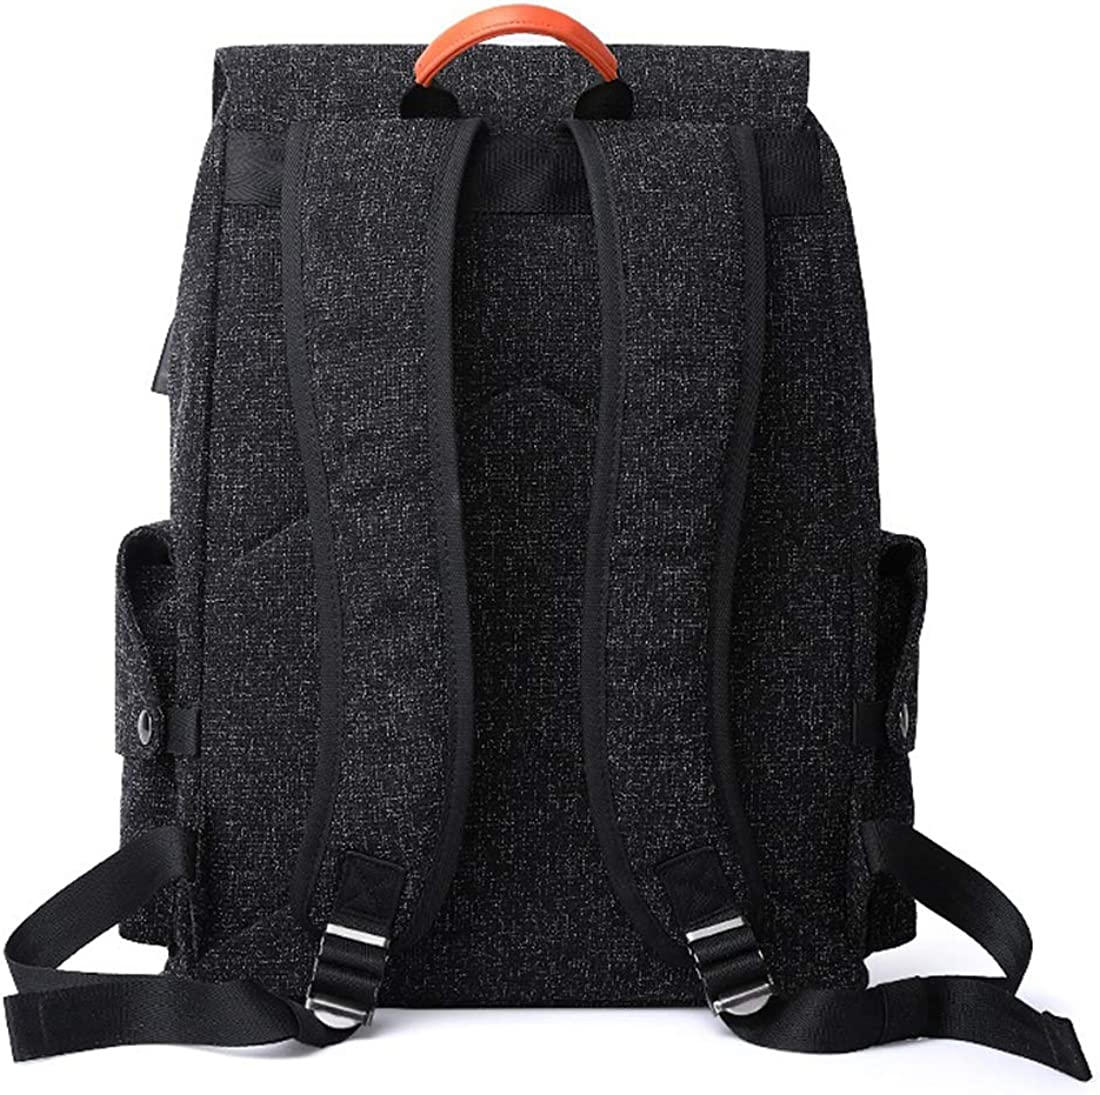 Backpack Computer Bag Leisure Travel Bag Mens Backpack With Usb Port Charging Laptop Backpack